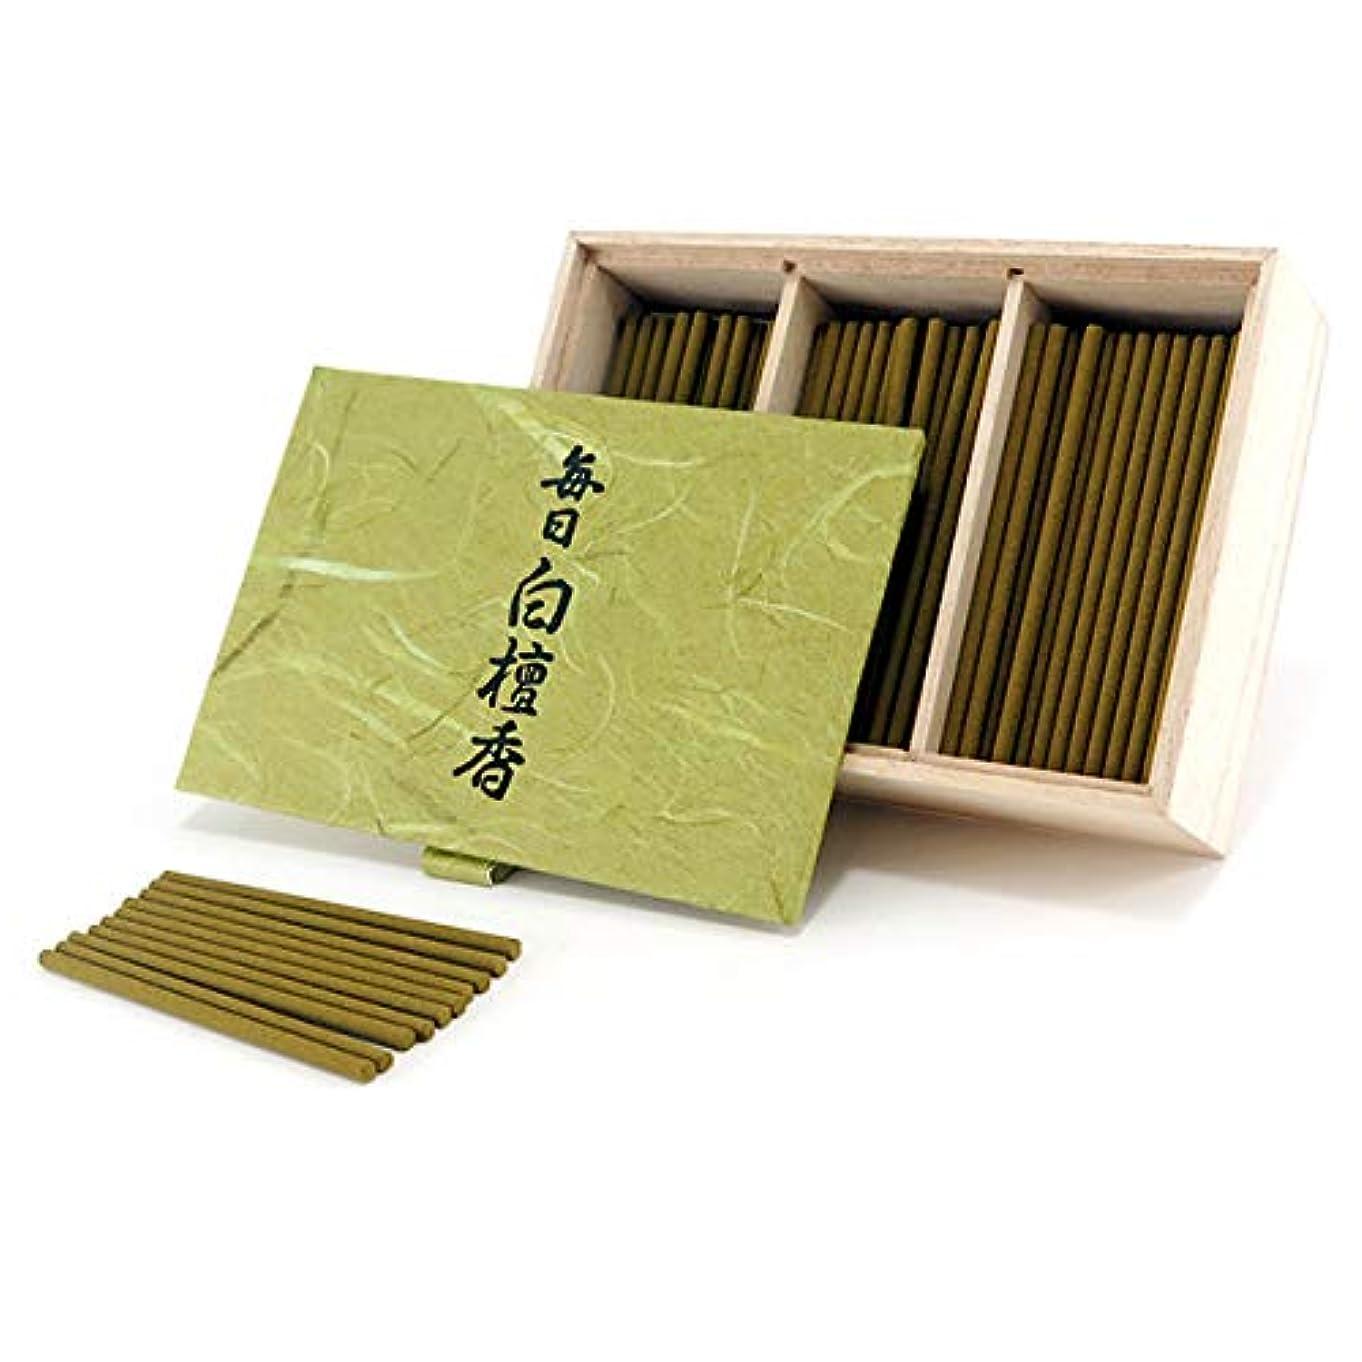 艦隊適応的撤回する日本香堂のお香 毎日白檀香 スティックミニ寸お徳用150本入り